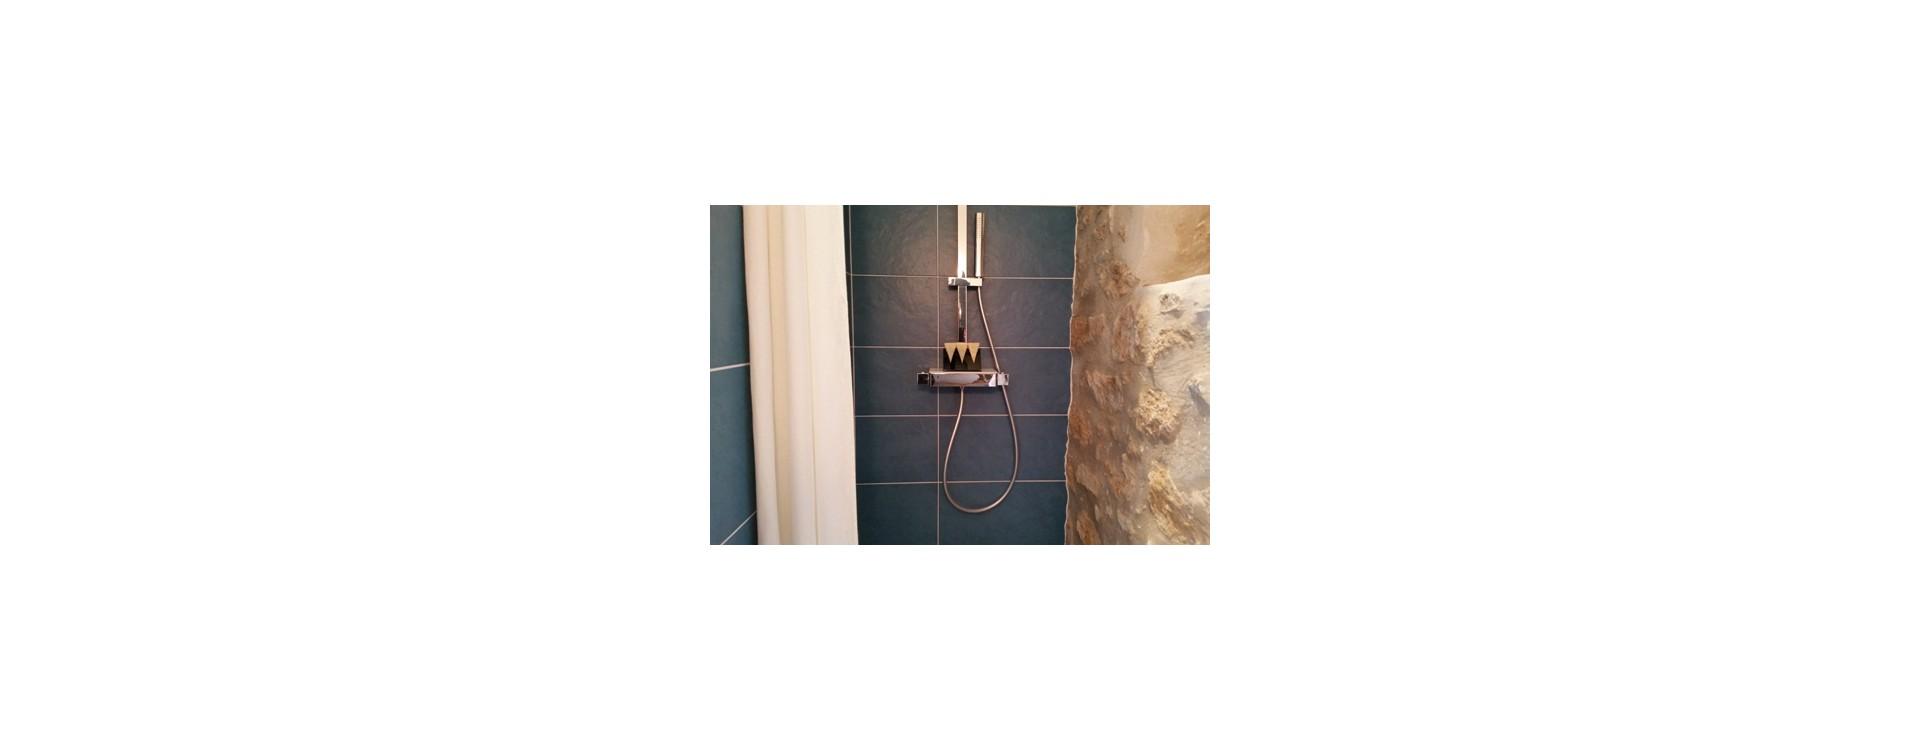 Galbobain quipe les salles de bain des chambres de beynes galbobain - Rideau giet douche italienne ...